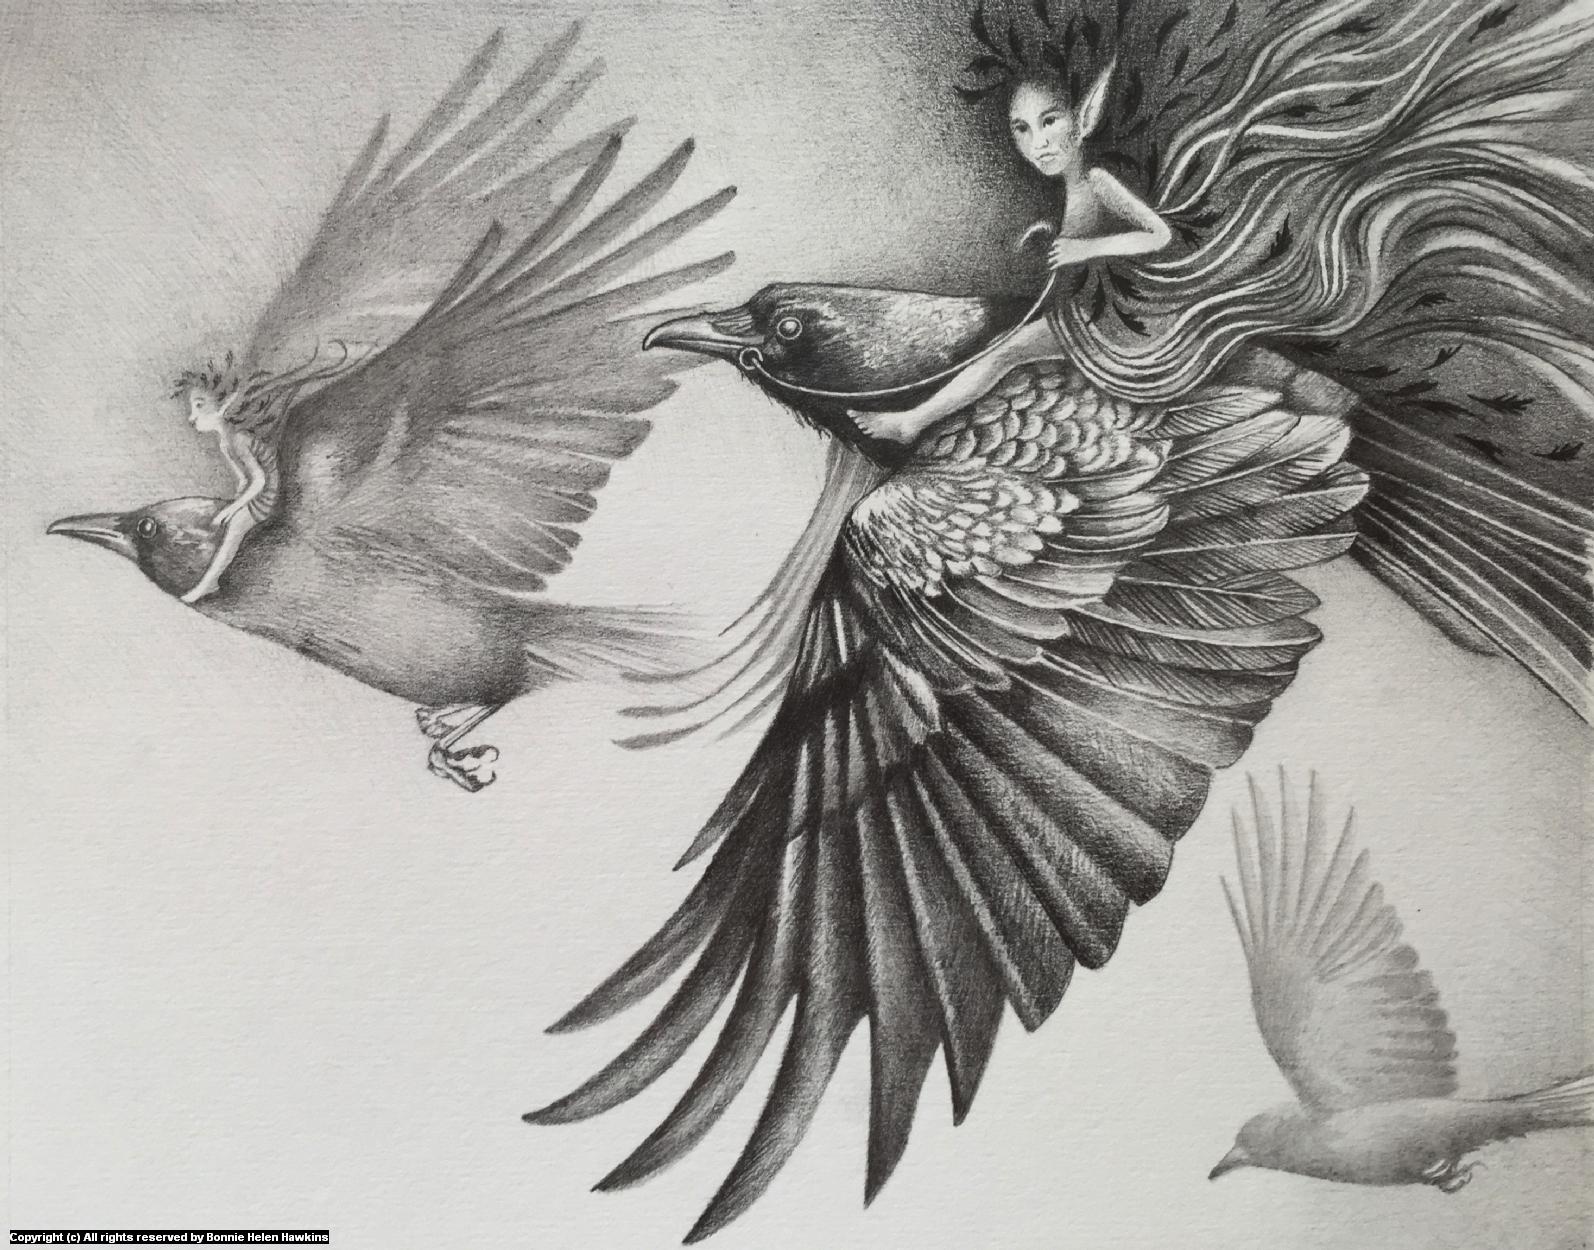 Week 25 Artwork by Bonnie Helen Hawkins